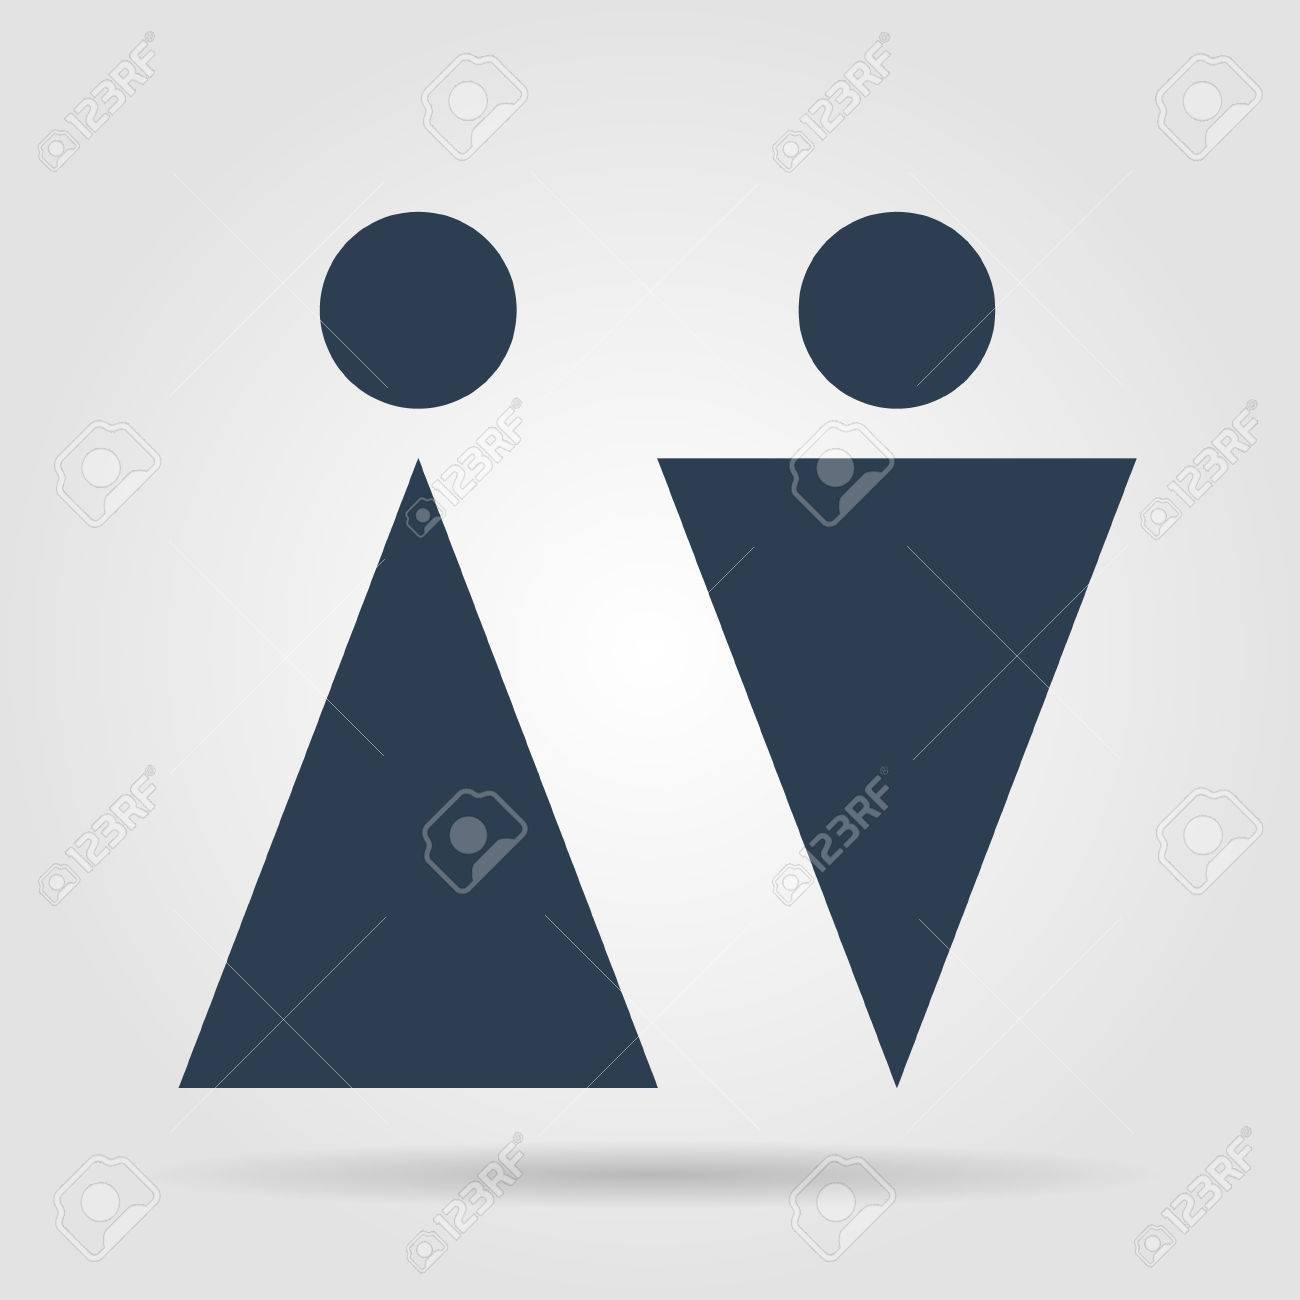 Wc Signer Icône Symbole De Toilettes Wc Homme Et Femme Design